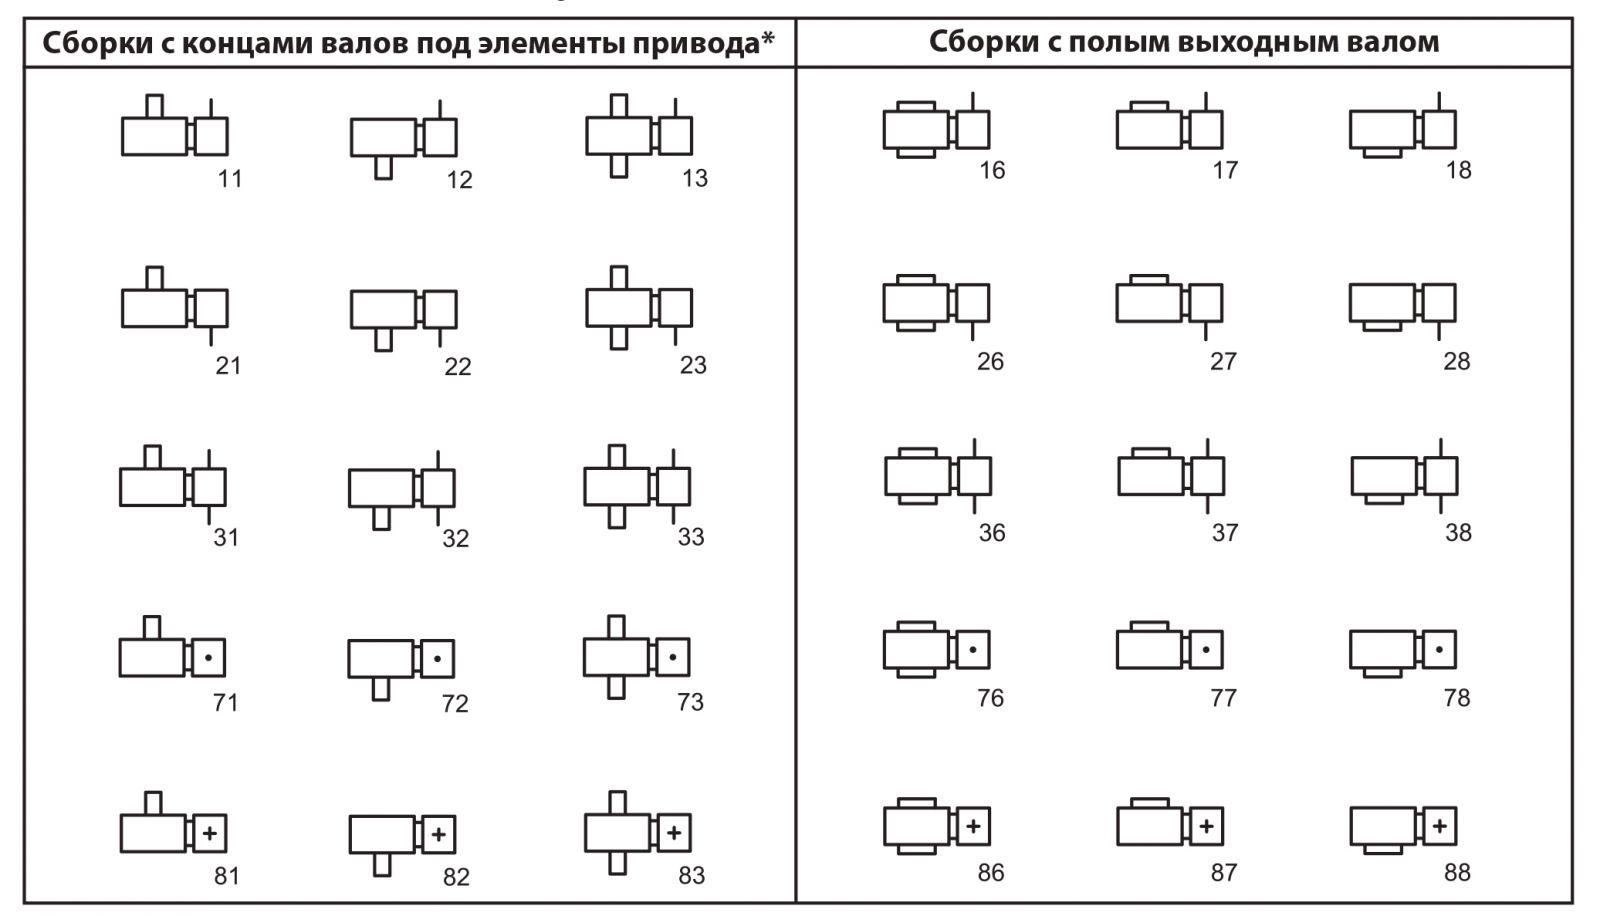 Варианты сборки редукторов 9Ч2 по ГОСТ